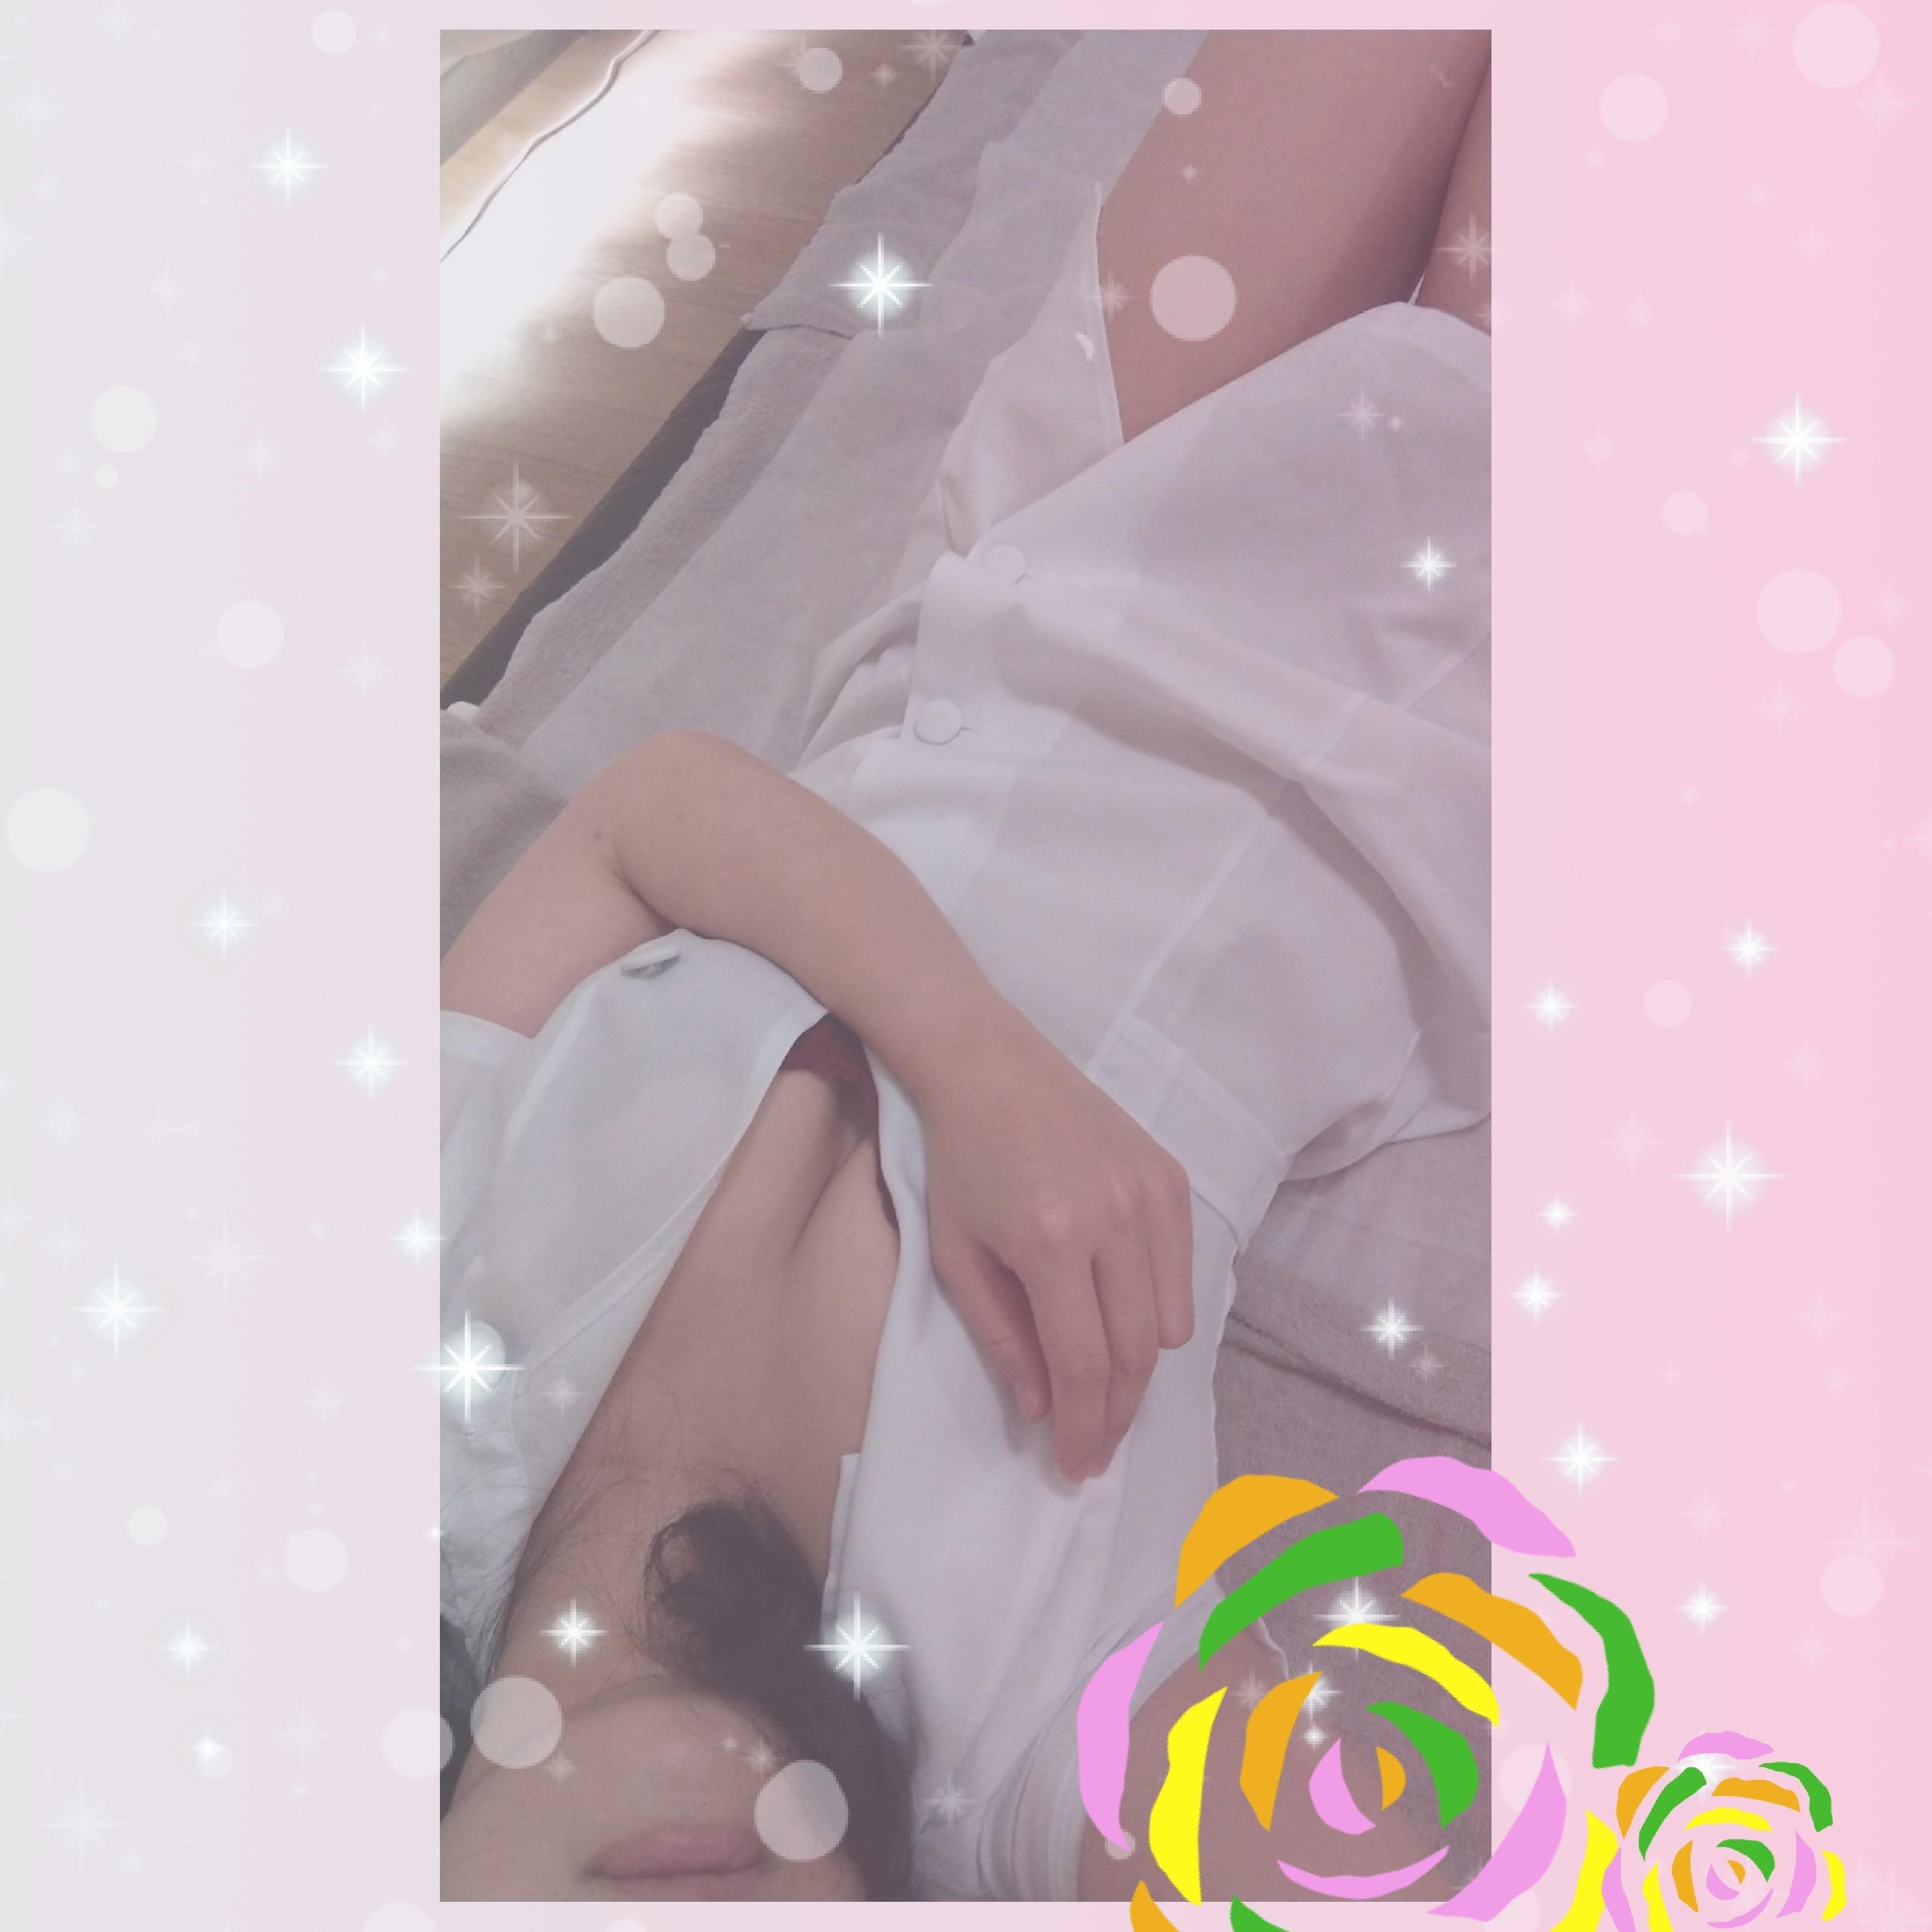 「お礼です」02/27(02/27) 16:24 | 藤村みかの写メ・風俗動画